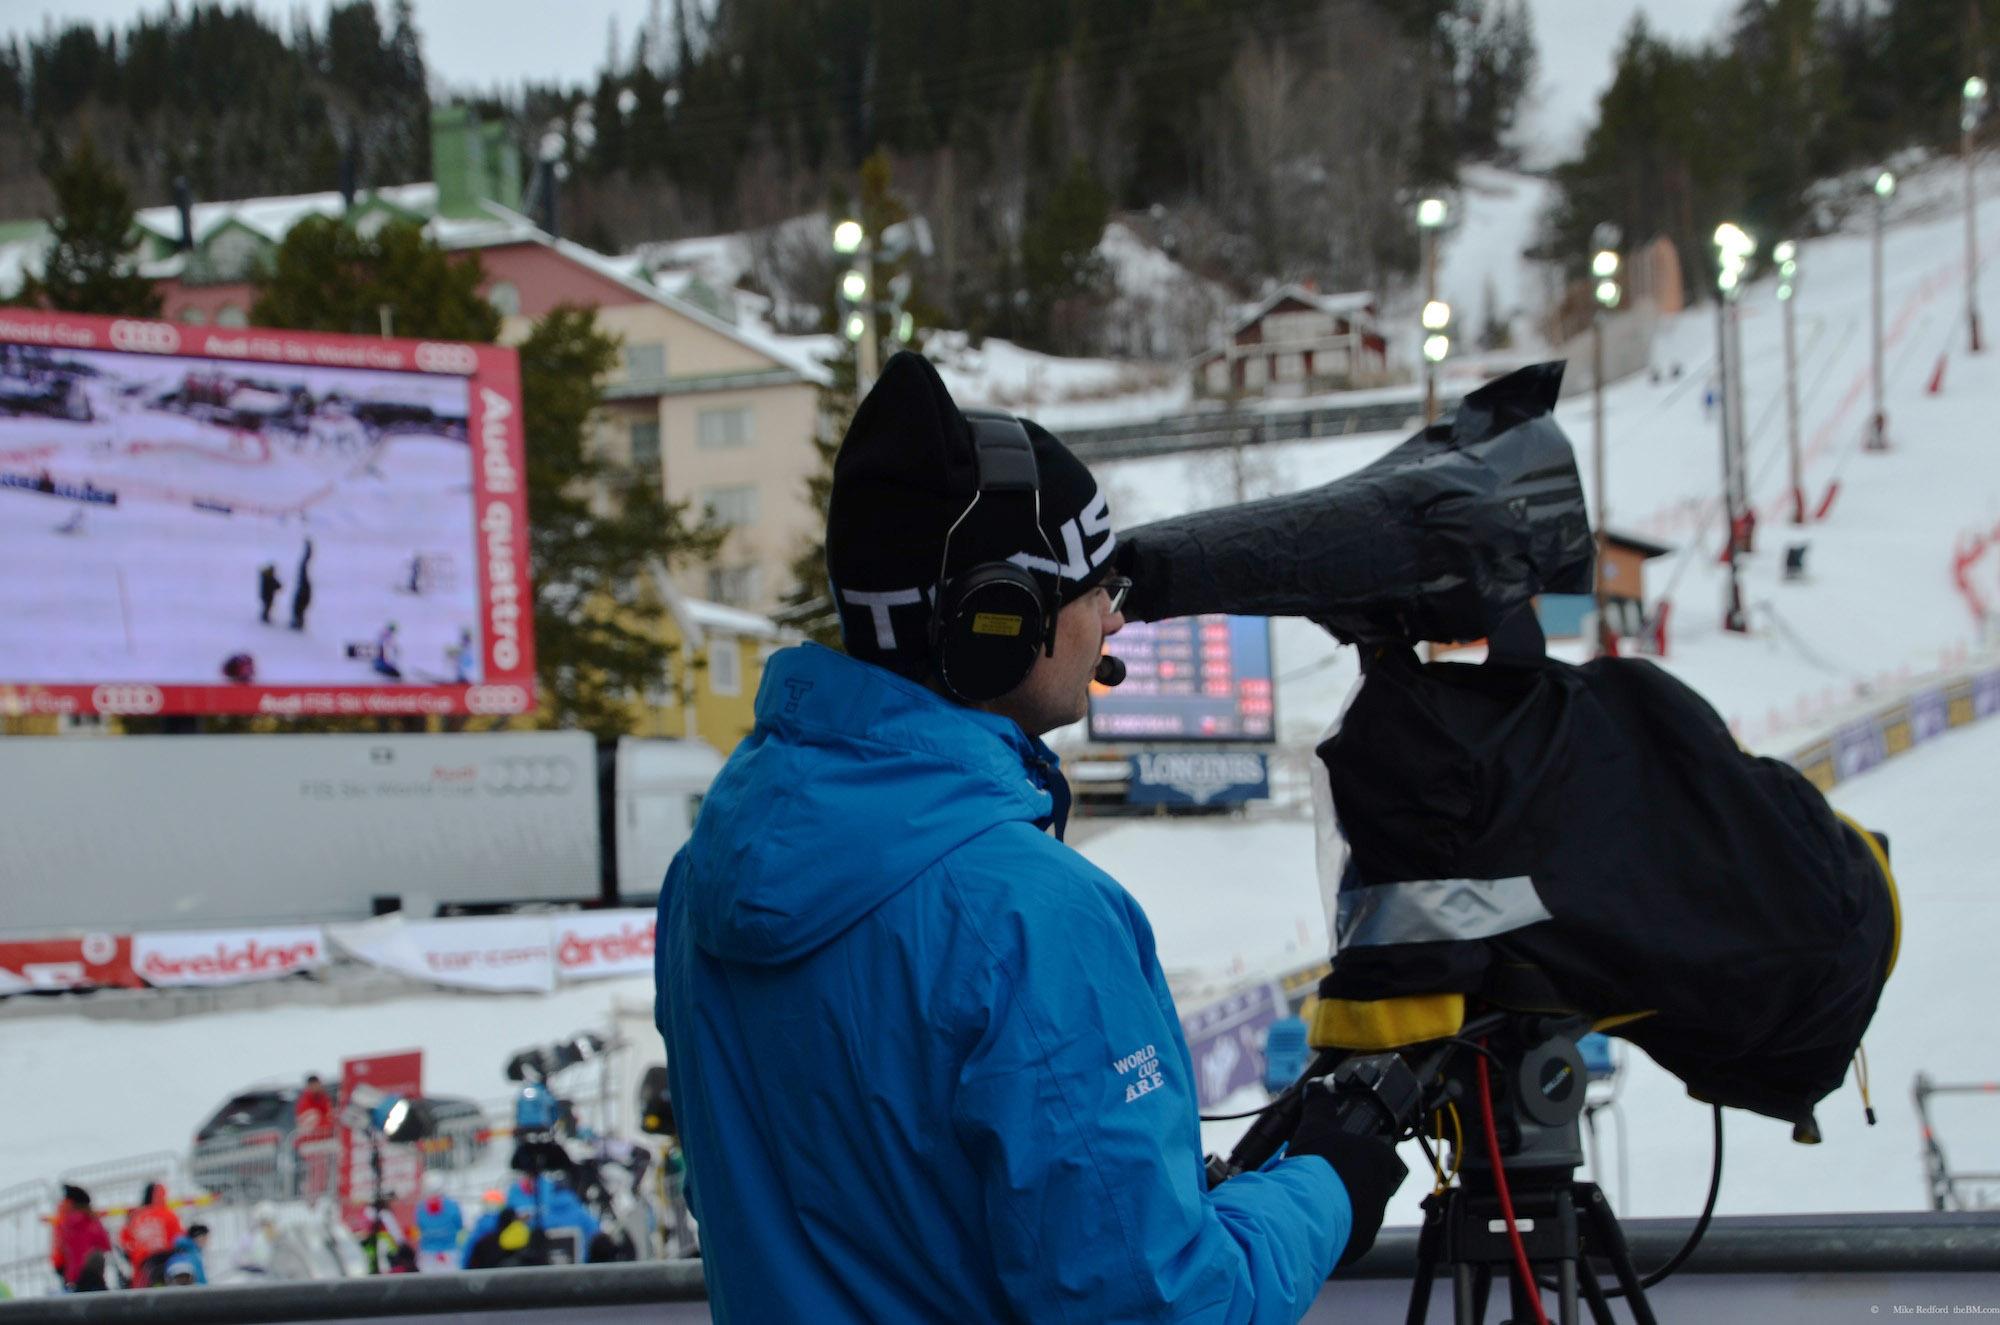 Fredric som kameraman under Alpina Världscupen i Åre